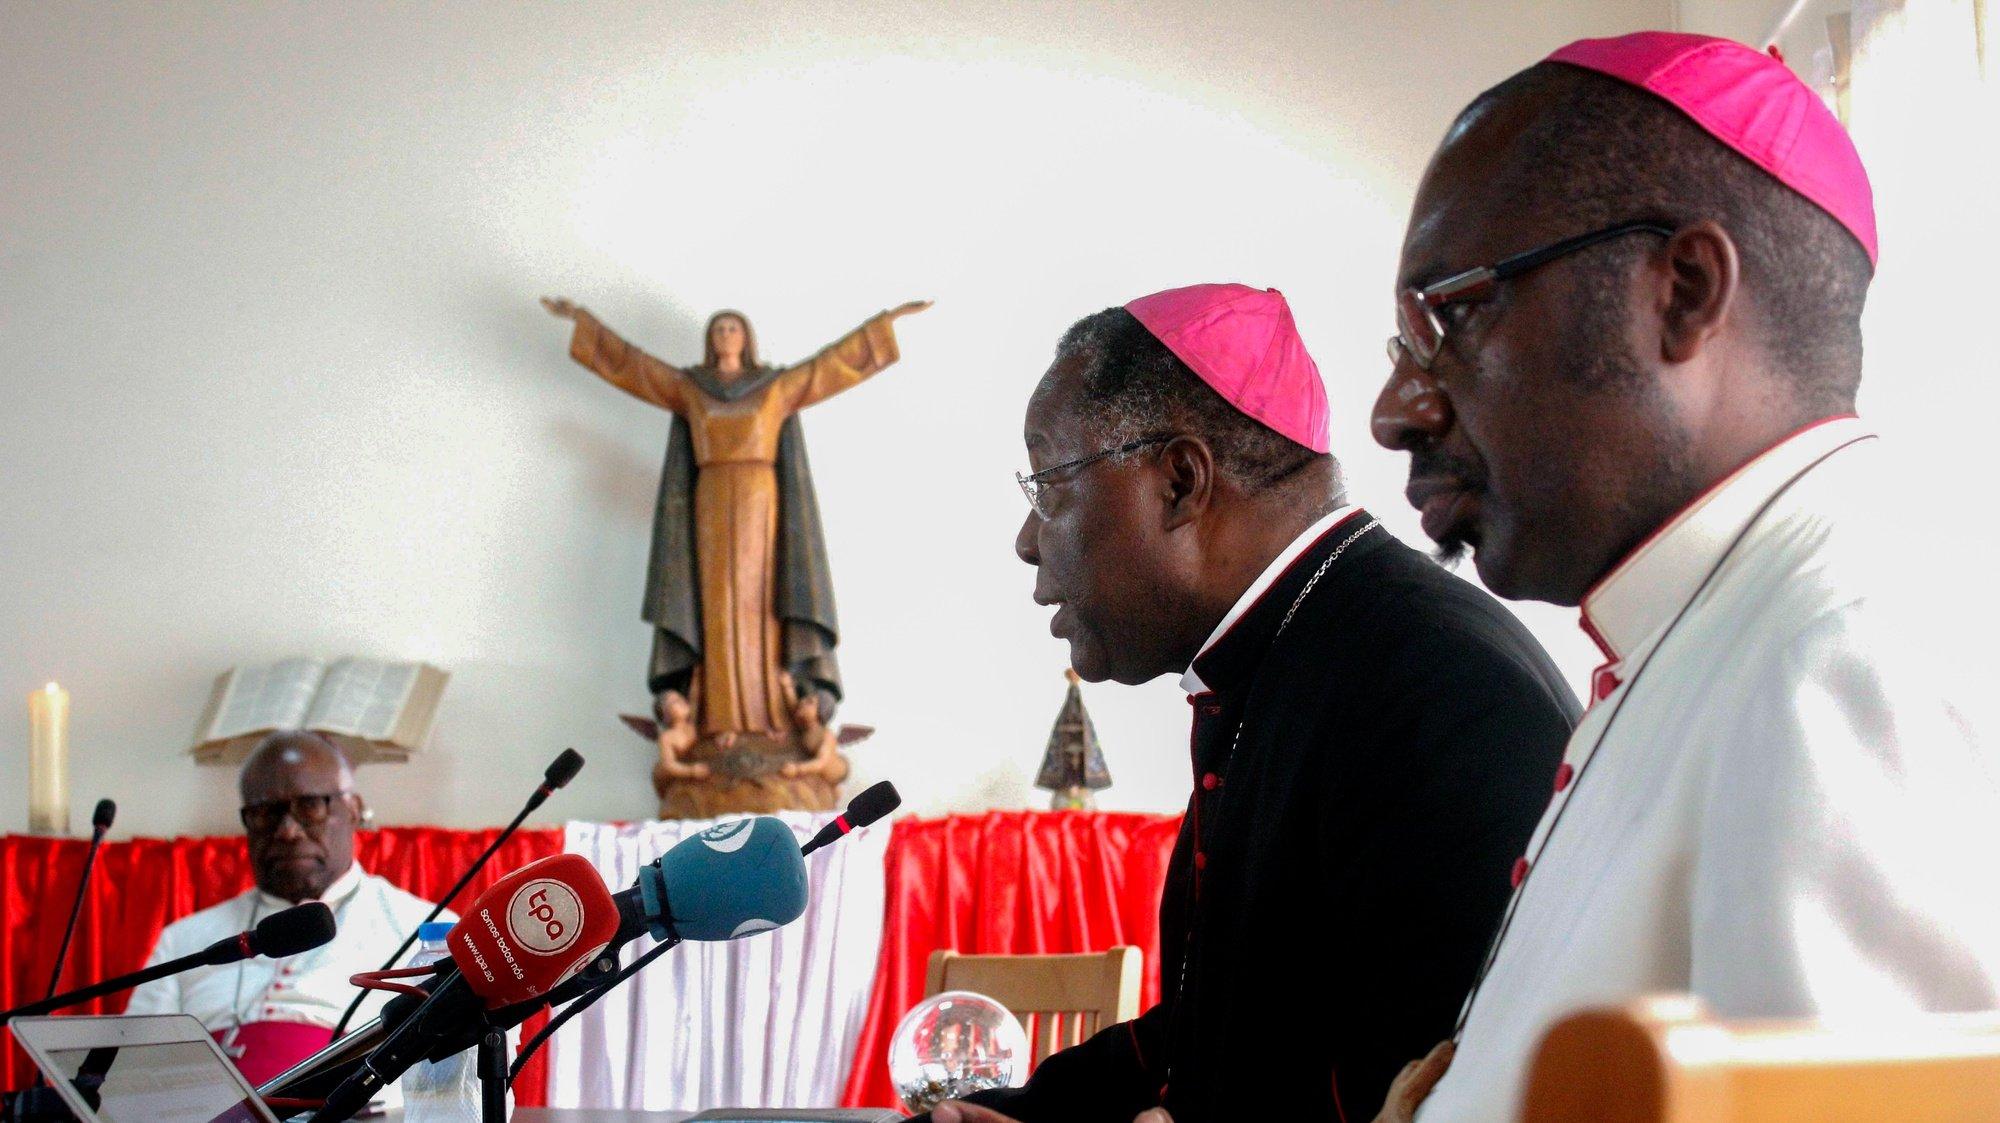 Sessão de abertura da 1ª Assembleia Ordinária dos Bispos da Conferência Episcopal de Angola e São Tomé (CEAST) presidida pelo seu presidente Dom Filomeno Vieira Dias e vice presidente José Manuel Imbamba, Luanda, Angola, 13 de março de 2019. AMPE ROGÉRIO/LUSA